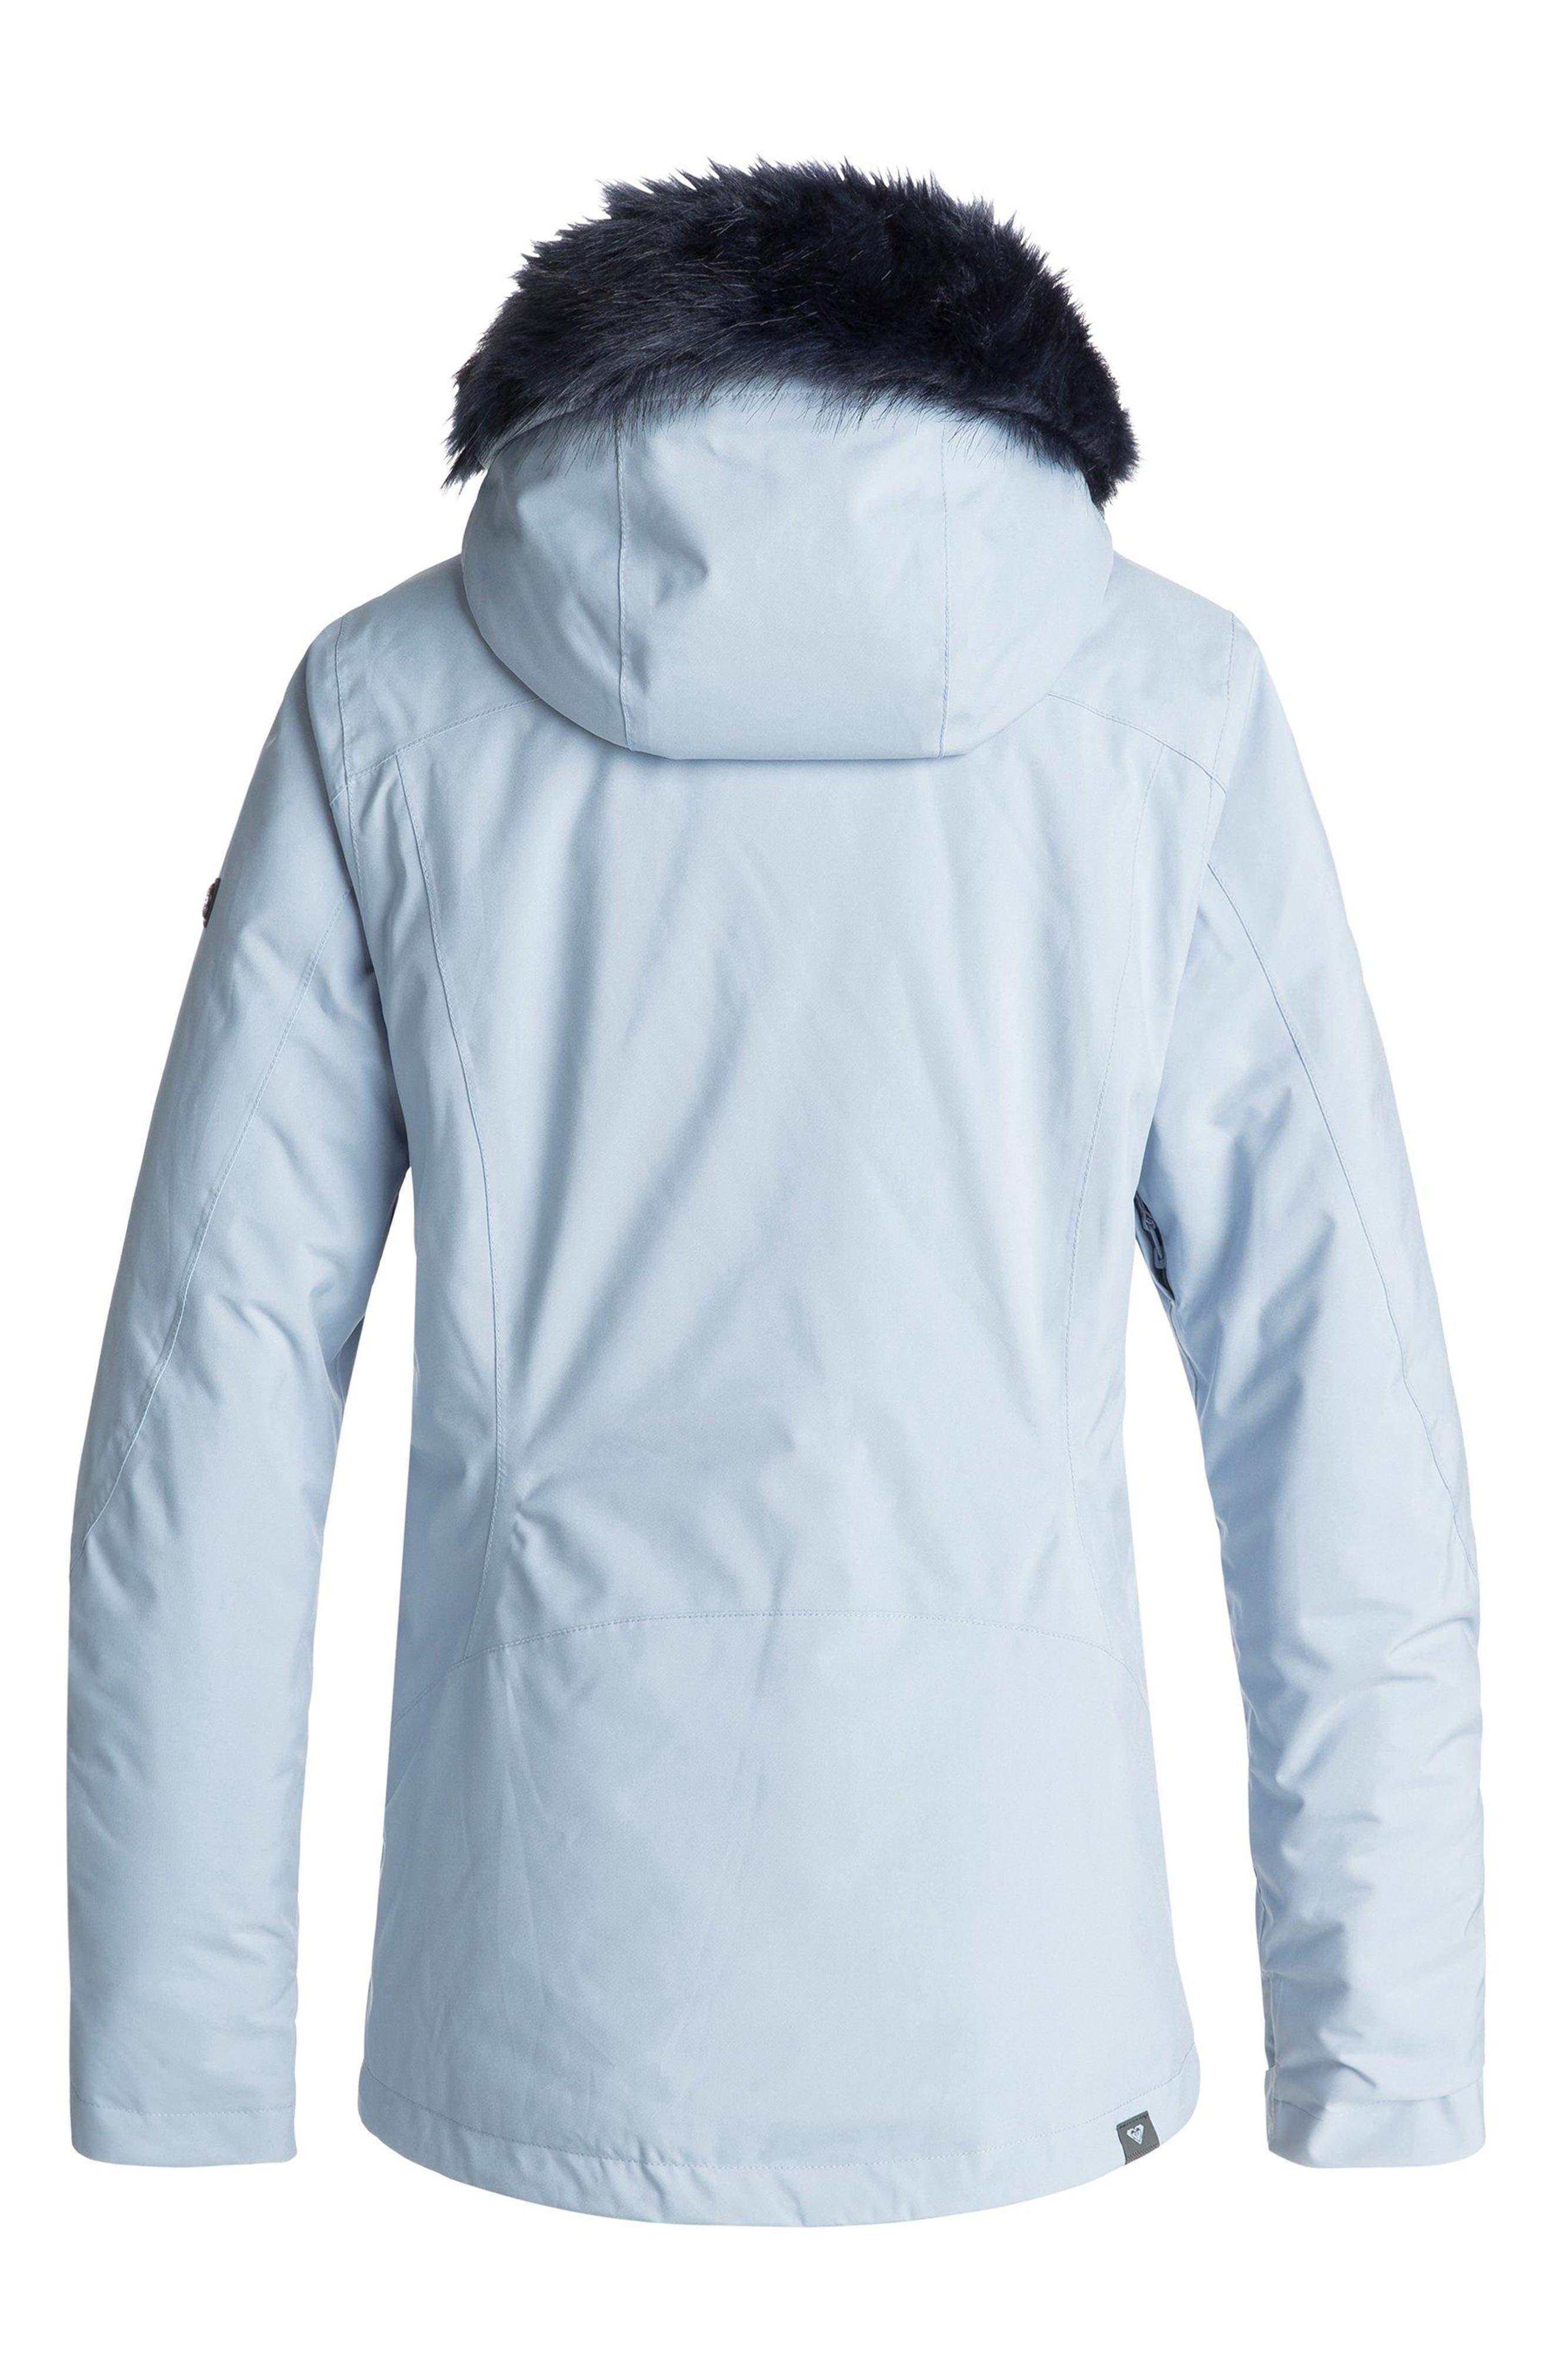 Down the Line Snow Jacket with Faux Fur Trim,                             Alternate thumbnail 3, color,                             POWDER BLUE